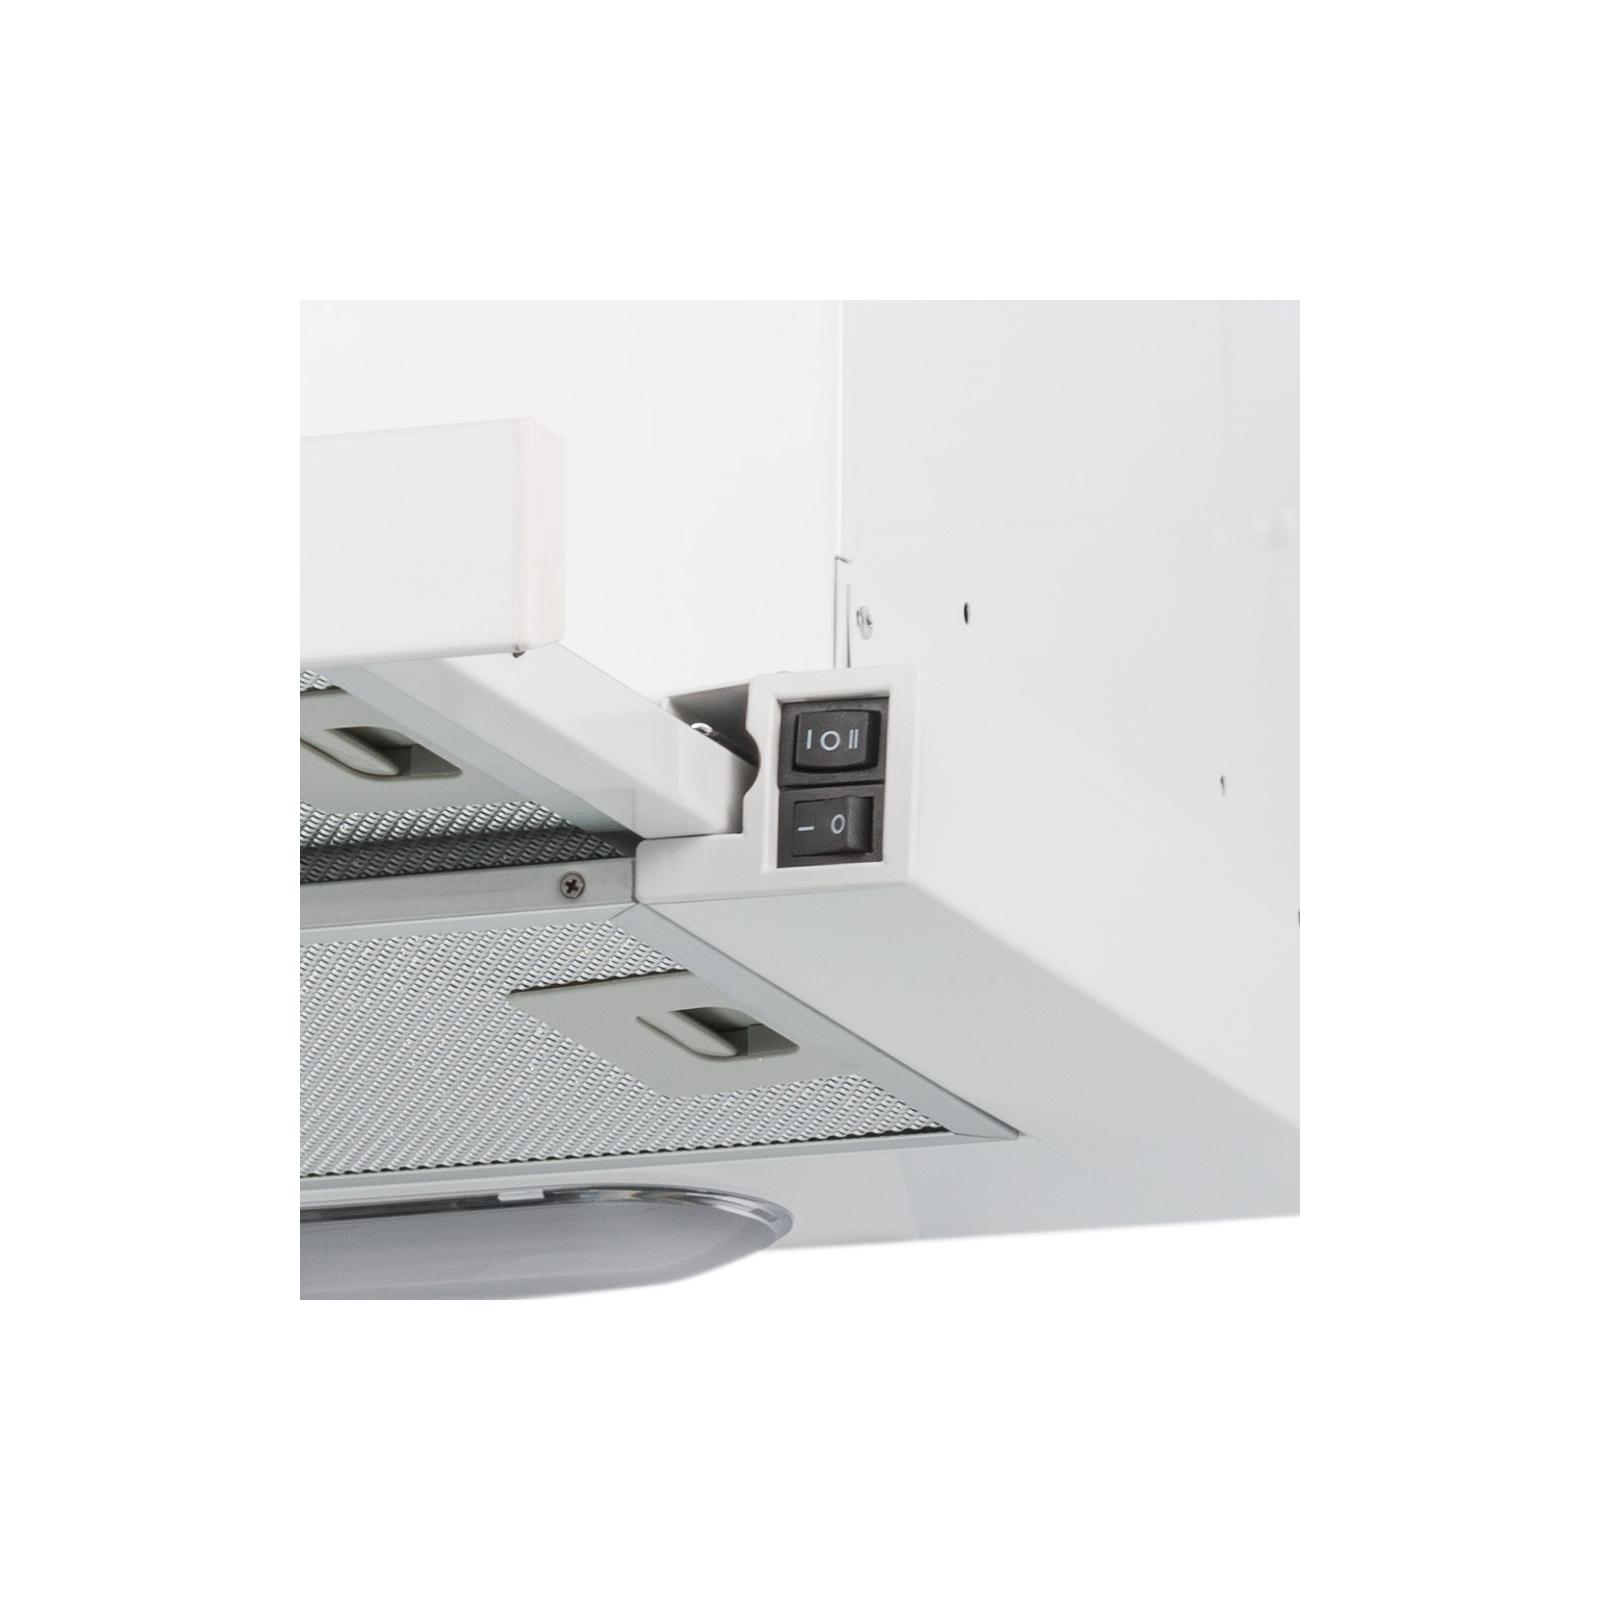 Вытяжка кухонная Perfelli TL 6010 IV изображение 2